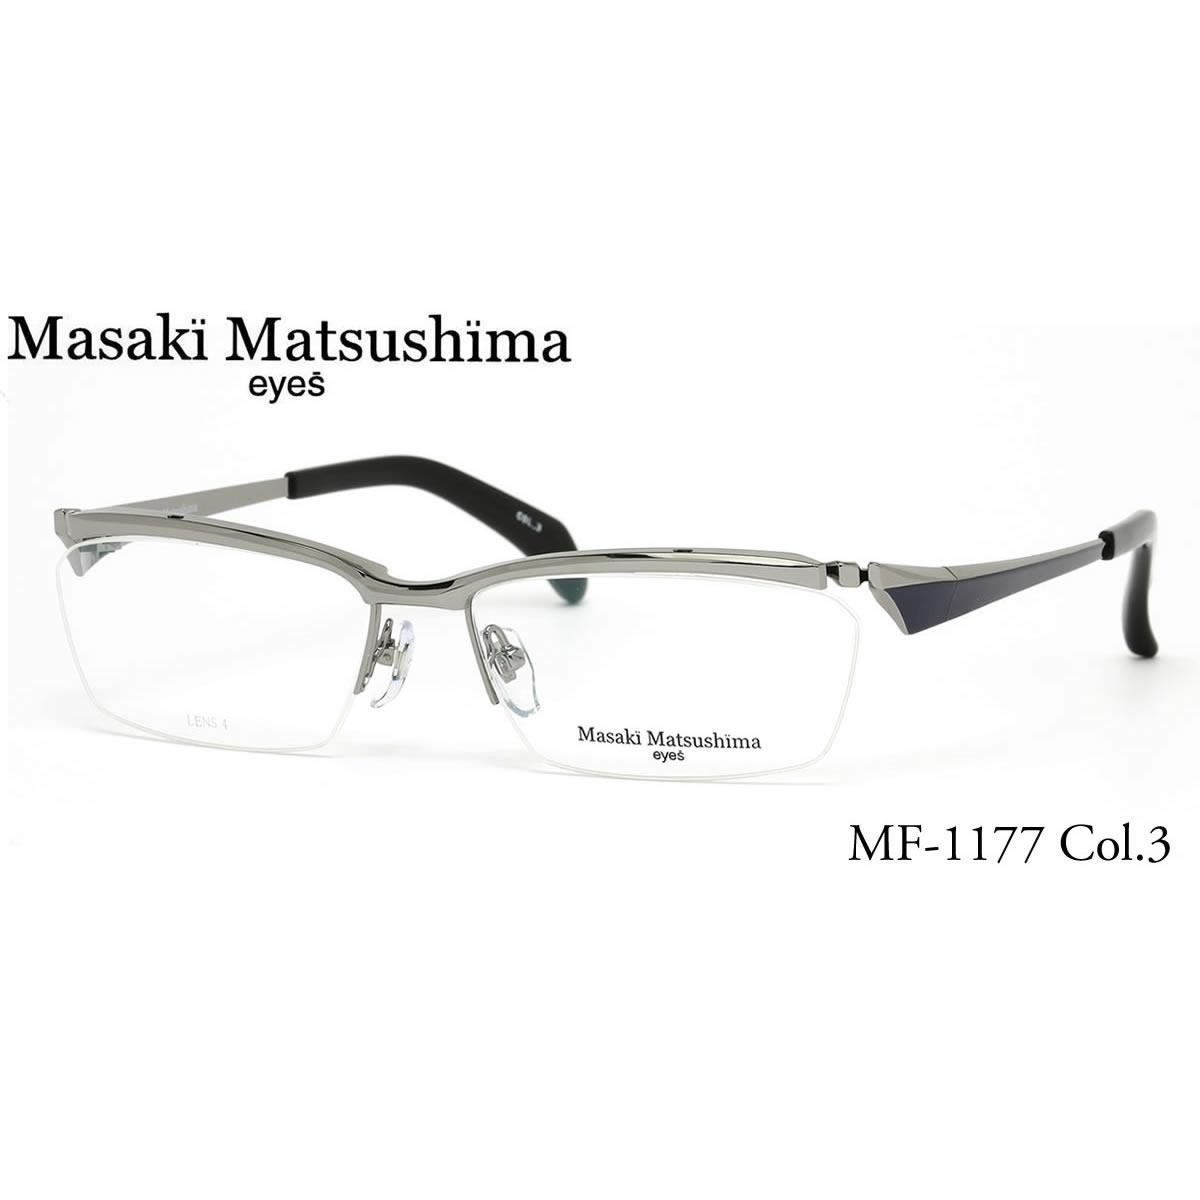 【10月30日からエントリーで全品ポイント20倍】【14時までのご注文は即日発送】MF-1177 3 Masaki Matsushima (マサキマツシマ) メガネ メンズ レディース【あす楽対応】